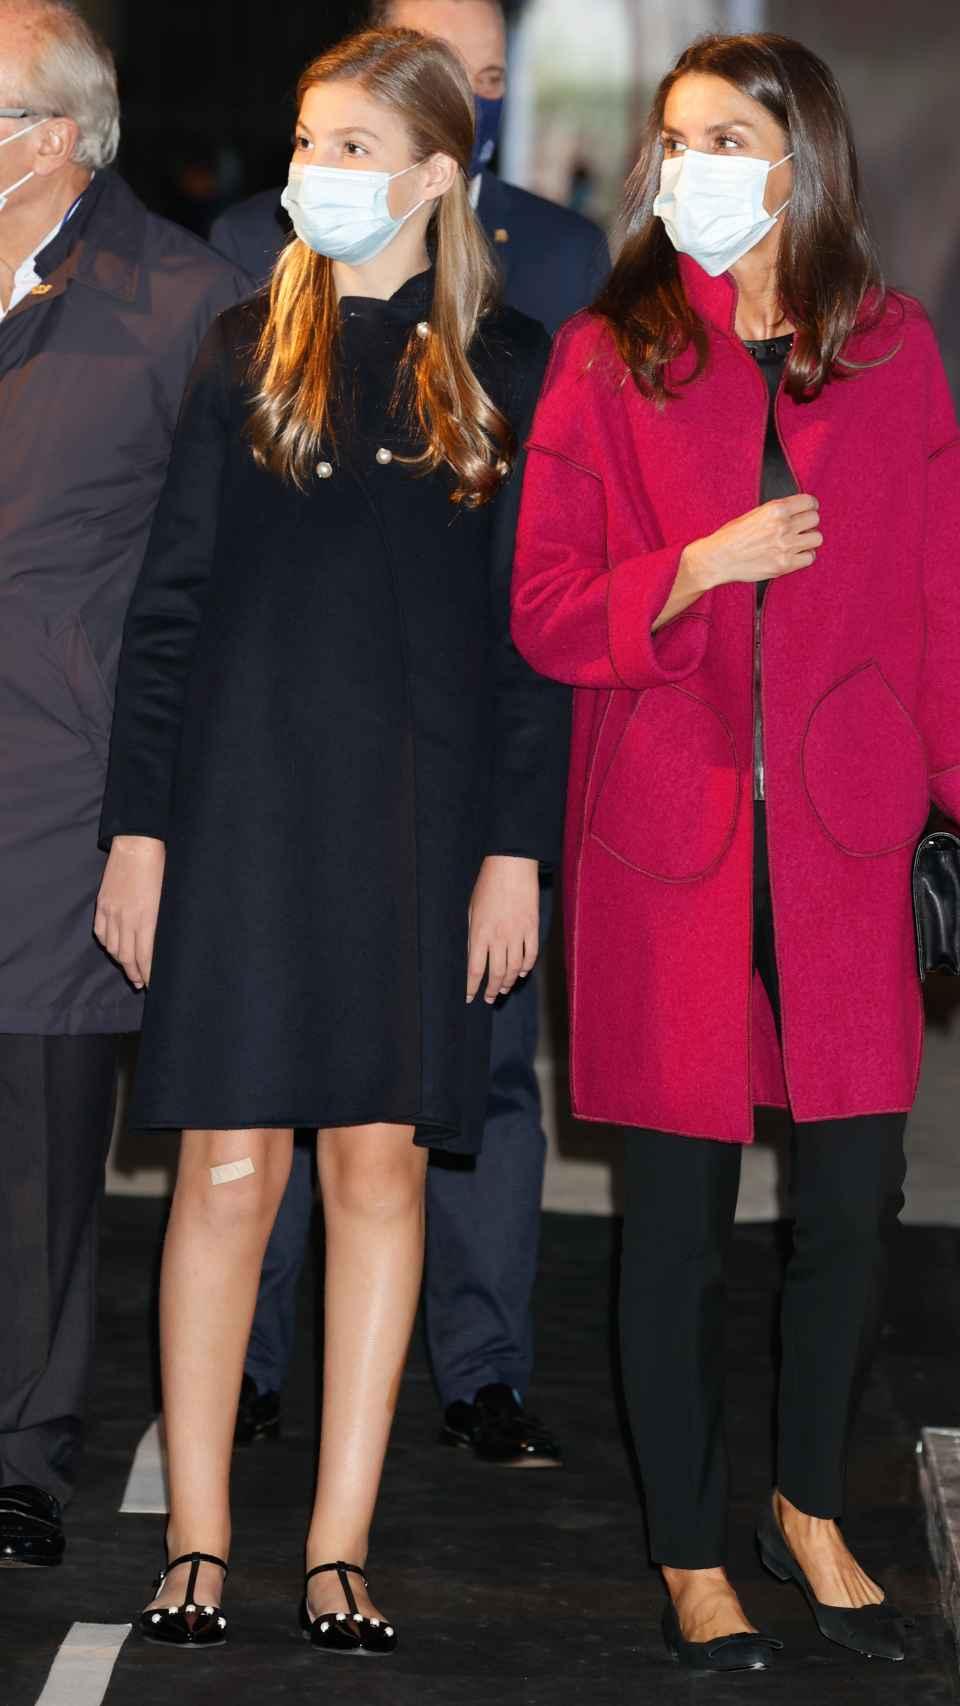 La reina Letizia y su hija, la infanta Sofía, en las instalaciones de LAFPABRICA. Fábrica en Premios.